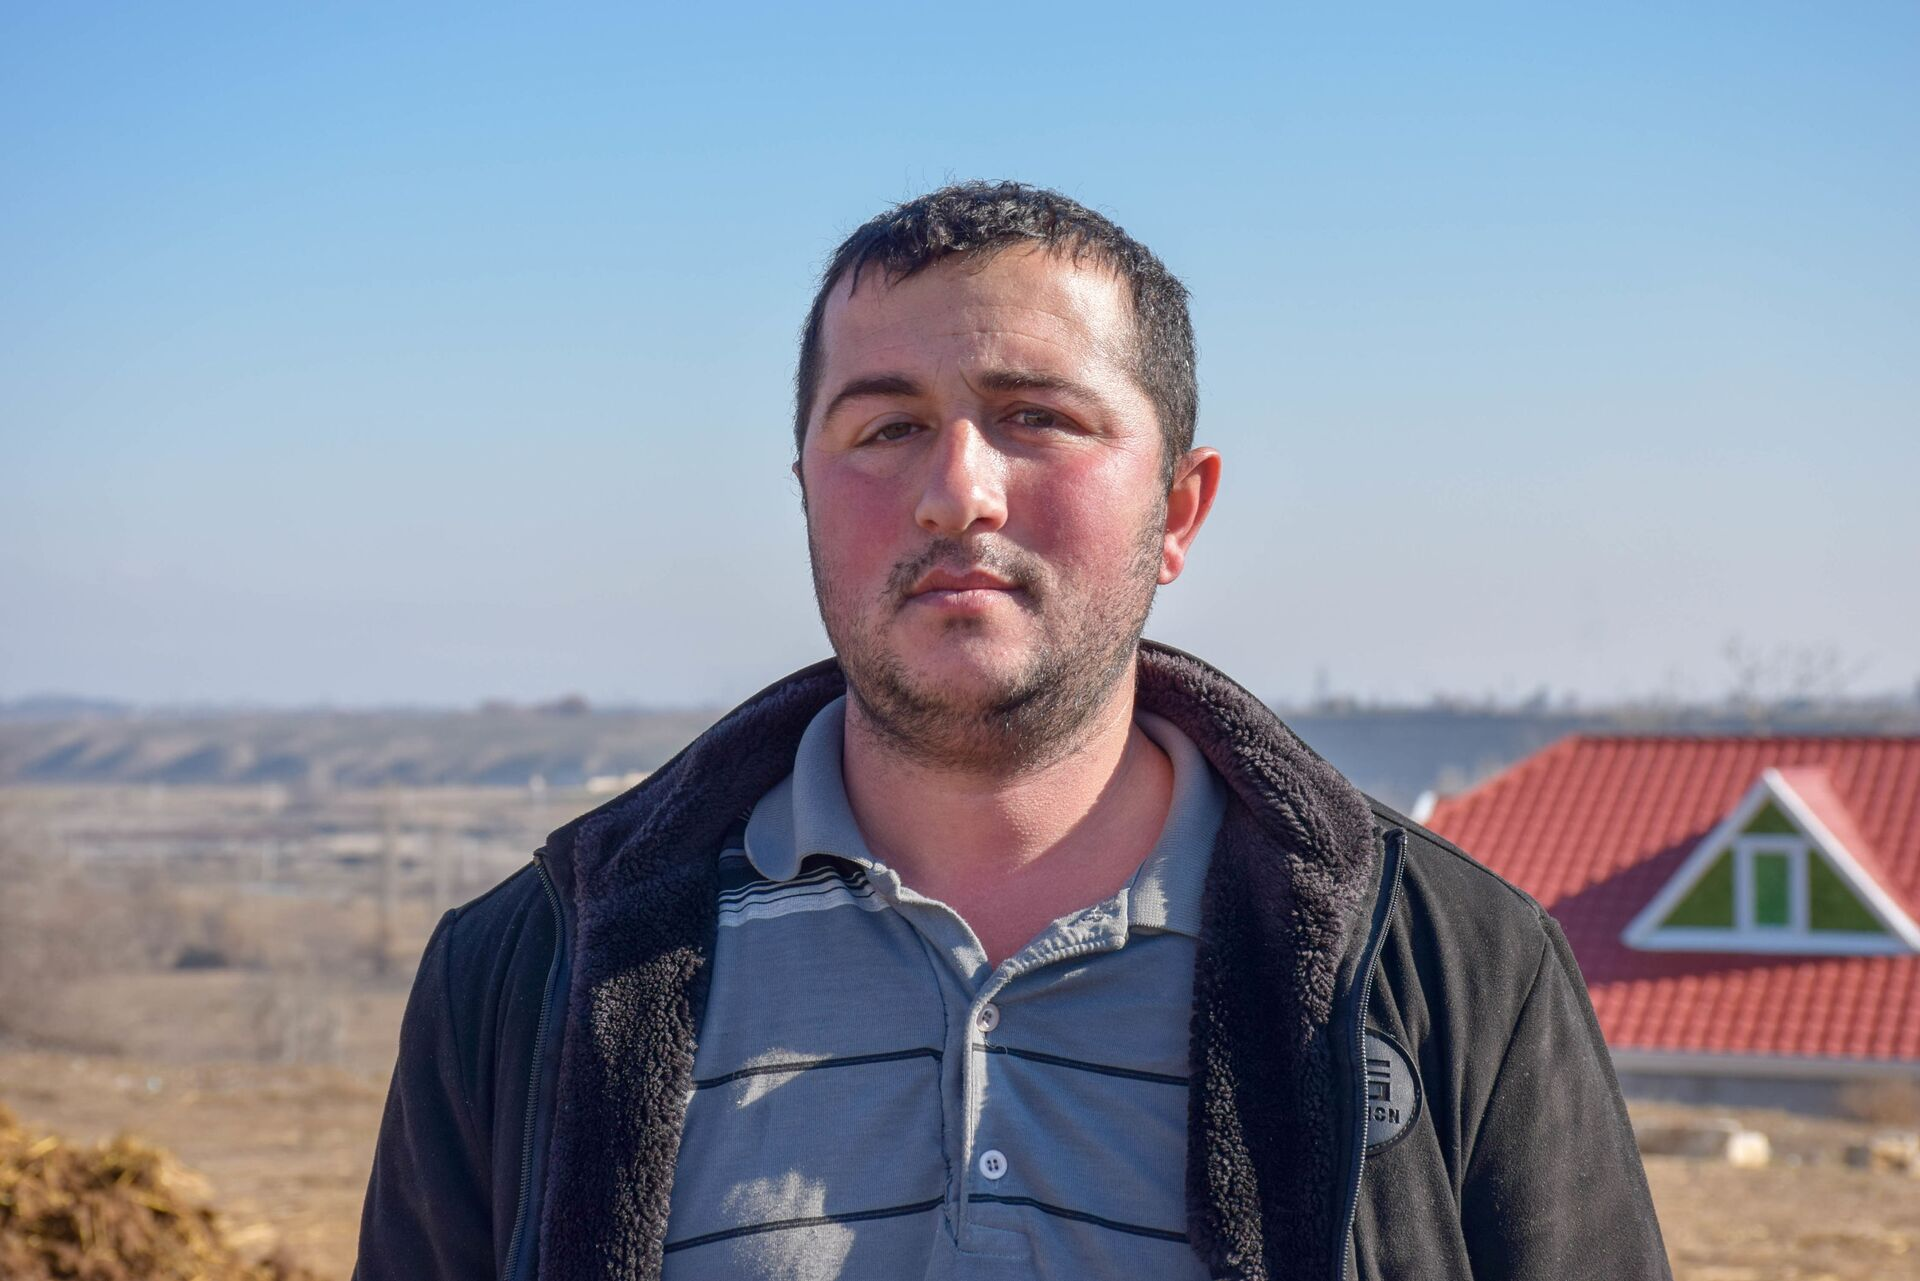 На грани банкротства: фермеры и мясники ждут, когда разрешат свадьбы и поминки - Sputnik Азербайджан, 1920, 28.02.2021